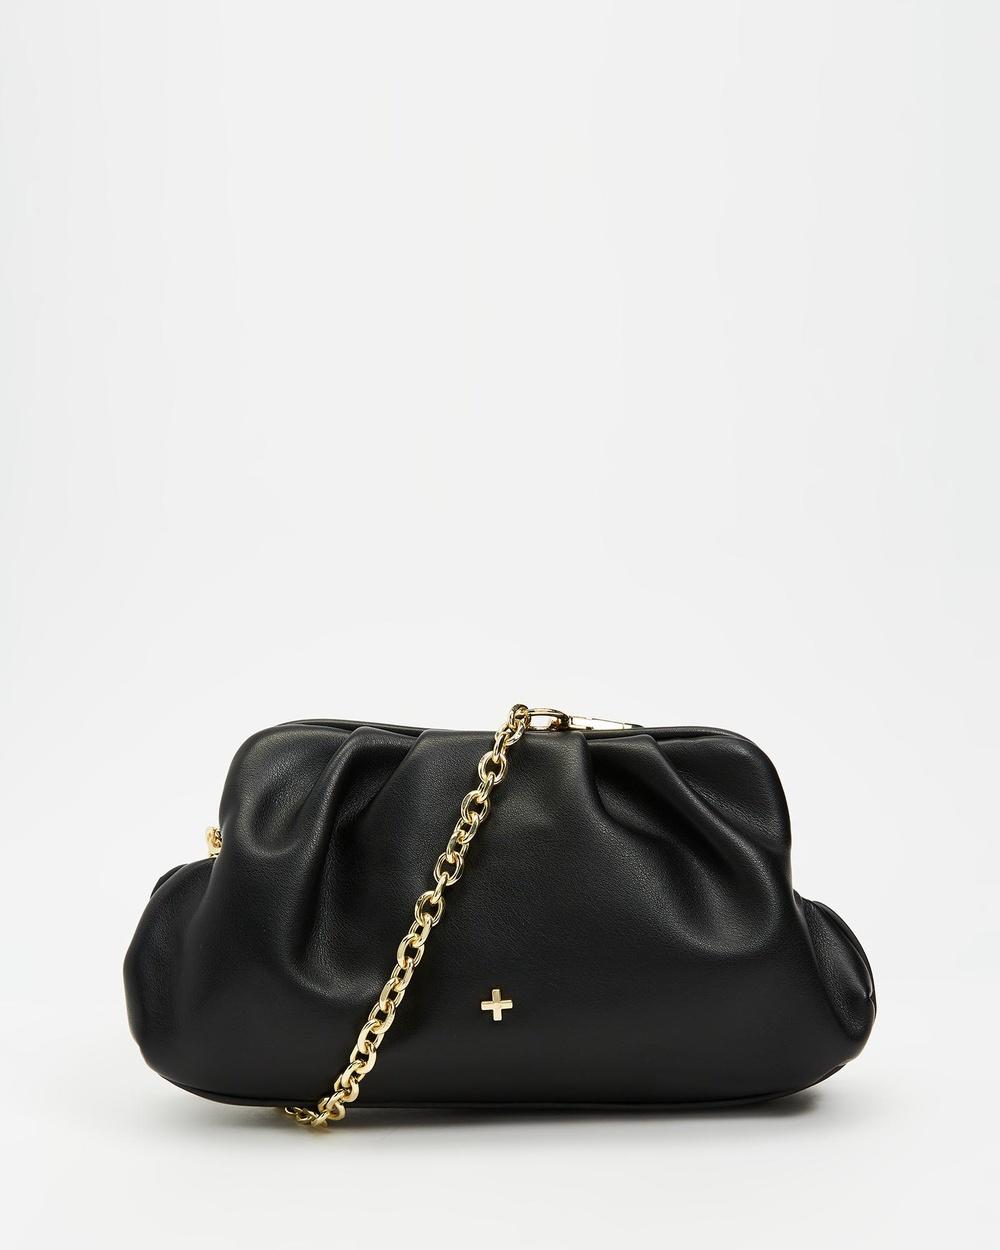 PETA AND JAIN Anthia Handbags Black & Smooth Gold